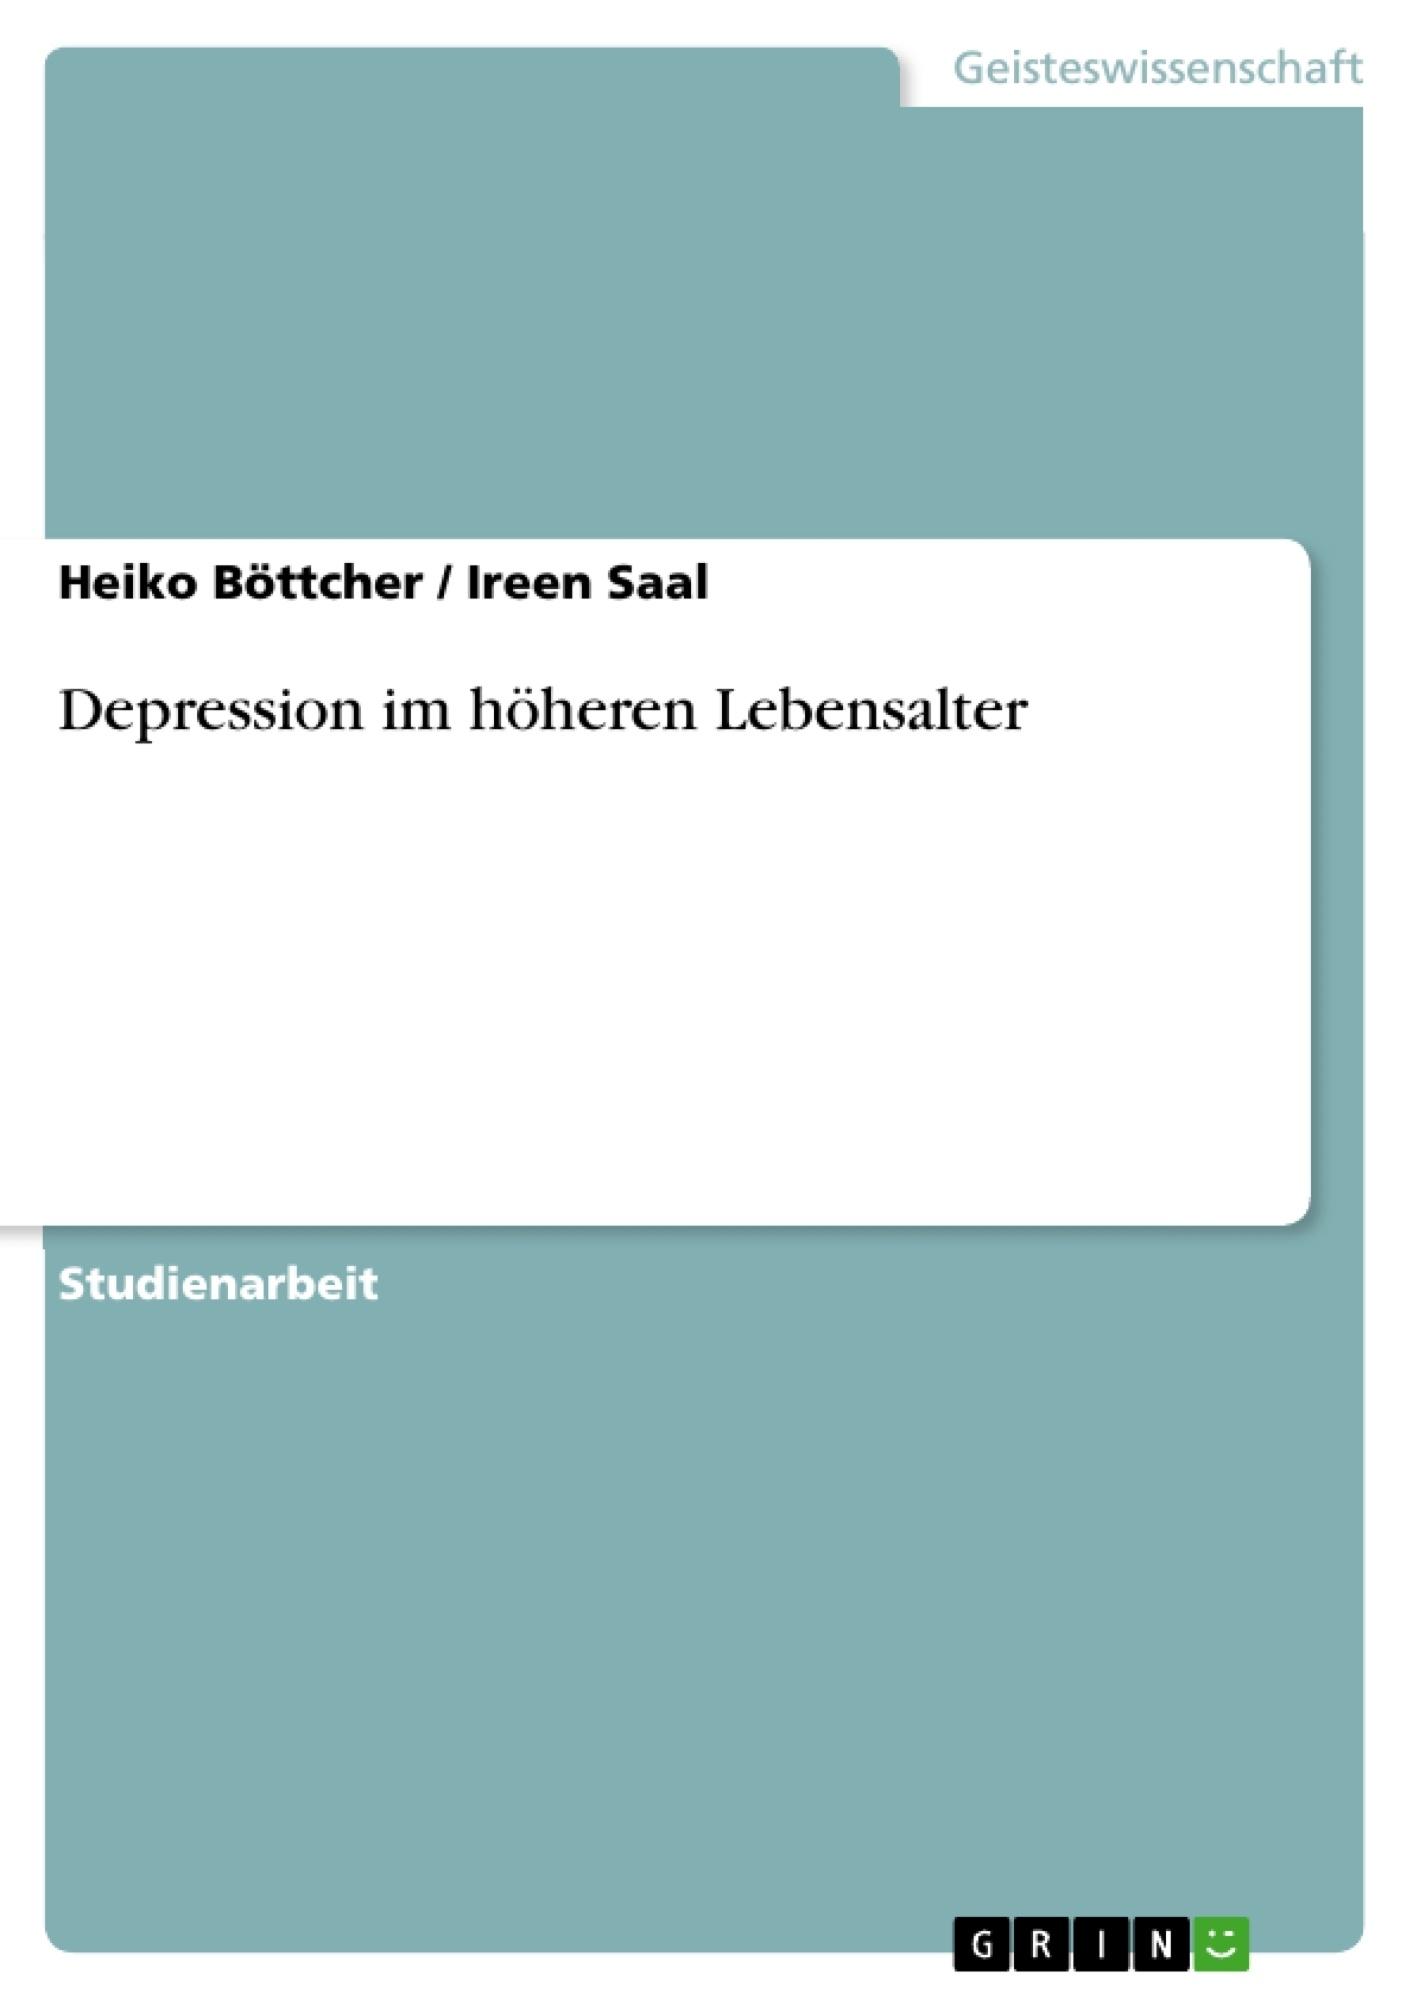 Titel: Depression im höheren Lebensalter